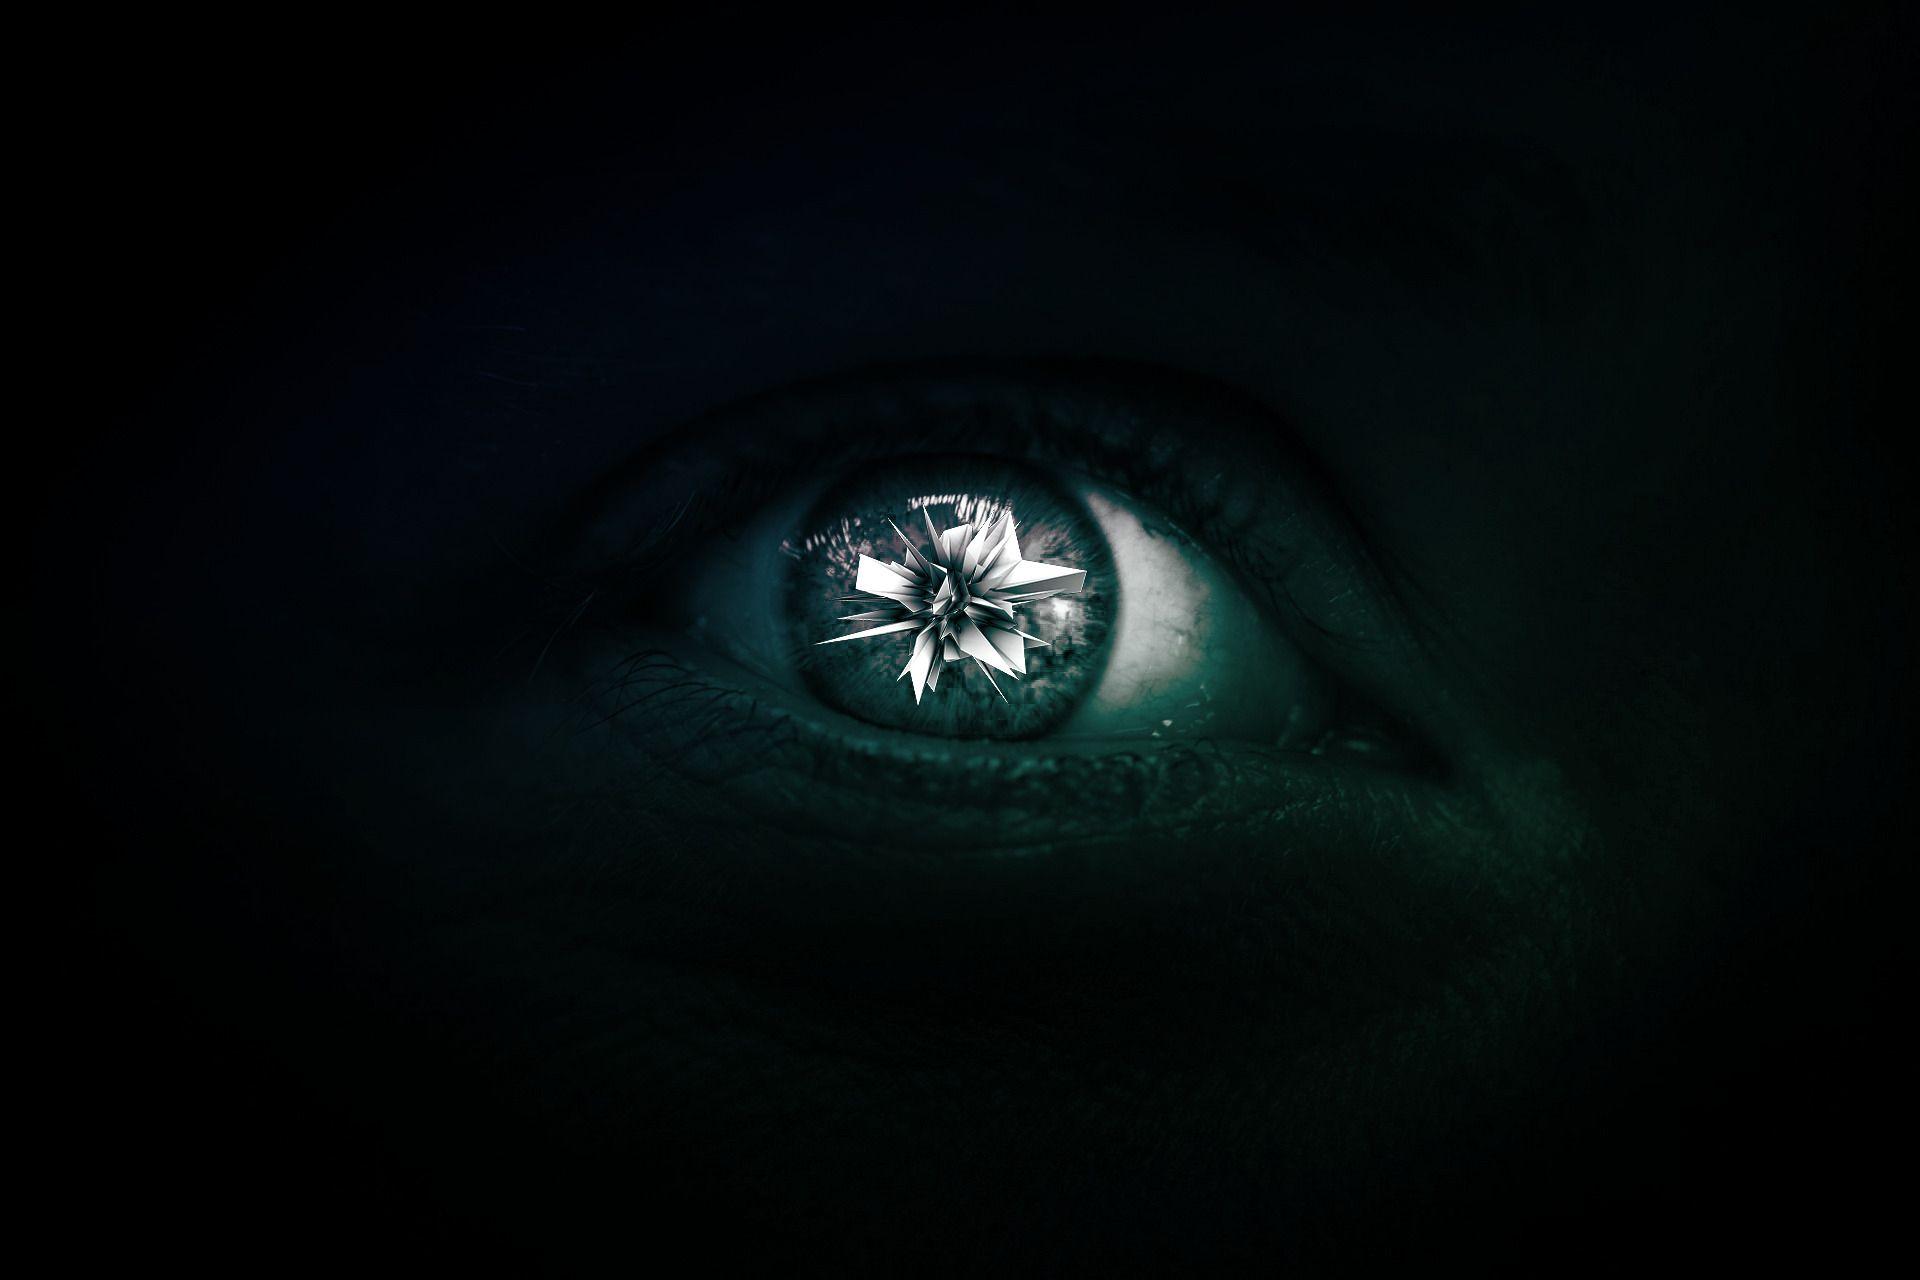 Eyes Dark Cinema 4d 3d Wallpaper Eyes Wallpaper Wallpaper Dark Eyes